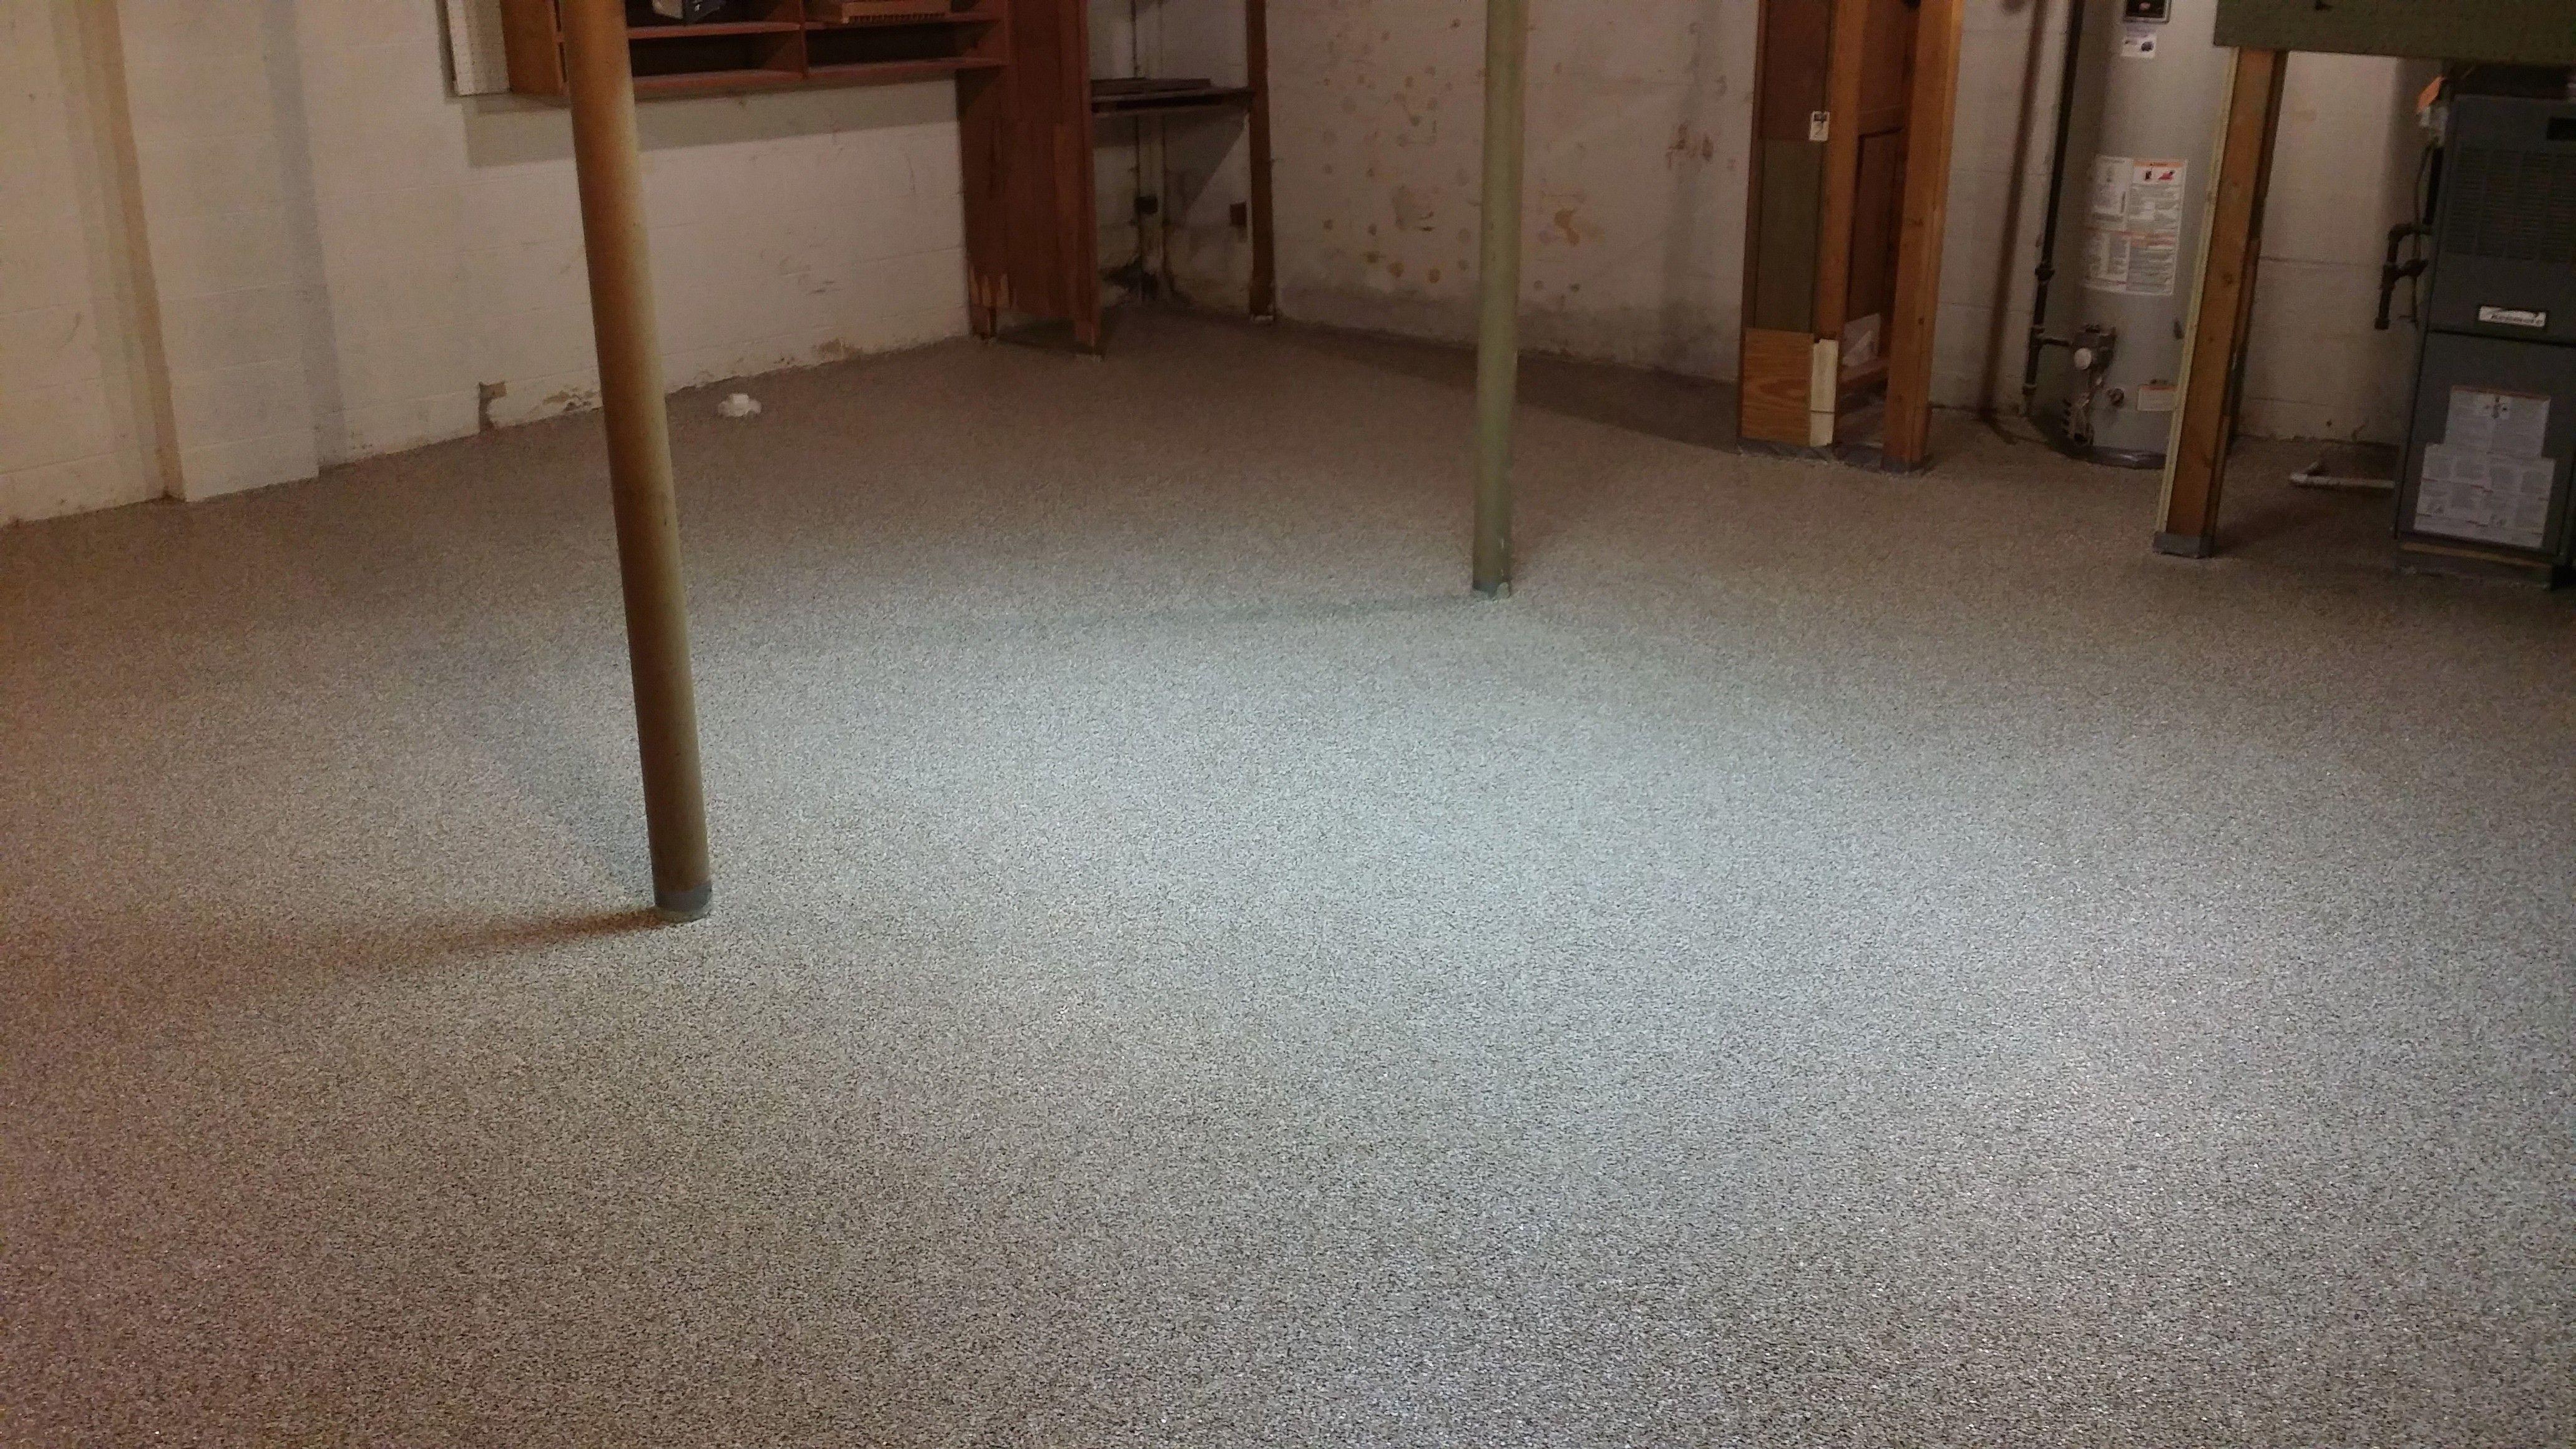 Fußboden Im Keller Abdichten ~ Keller boden abdichtung keller boden abdichtung u können sie